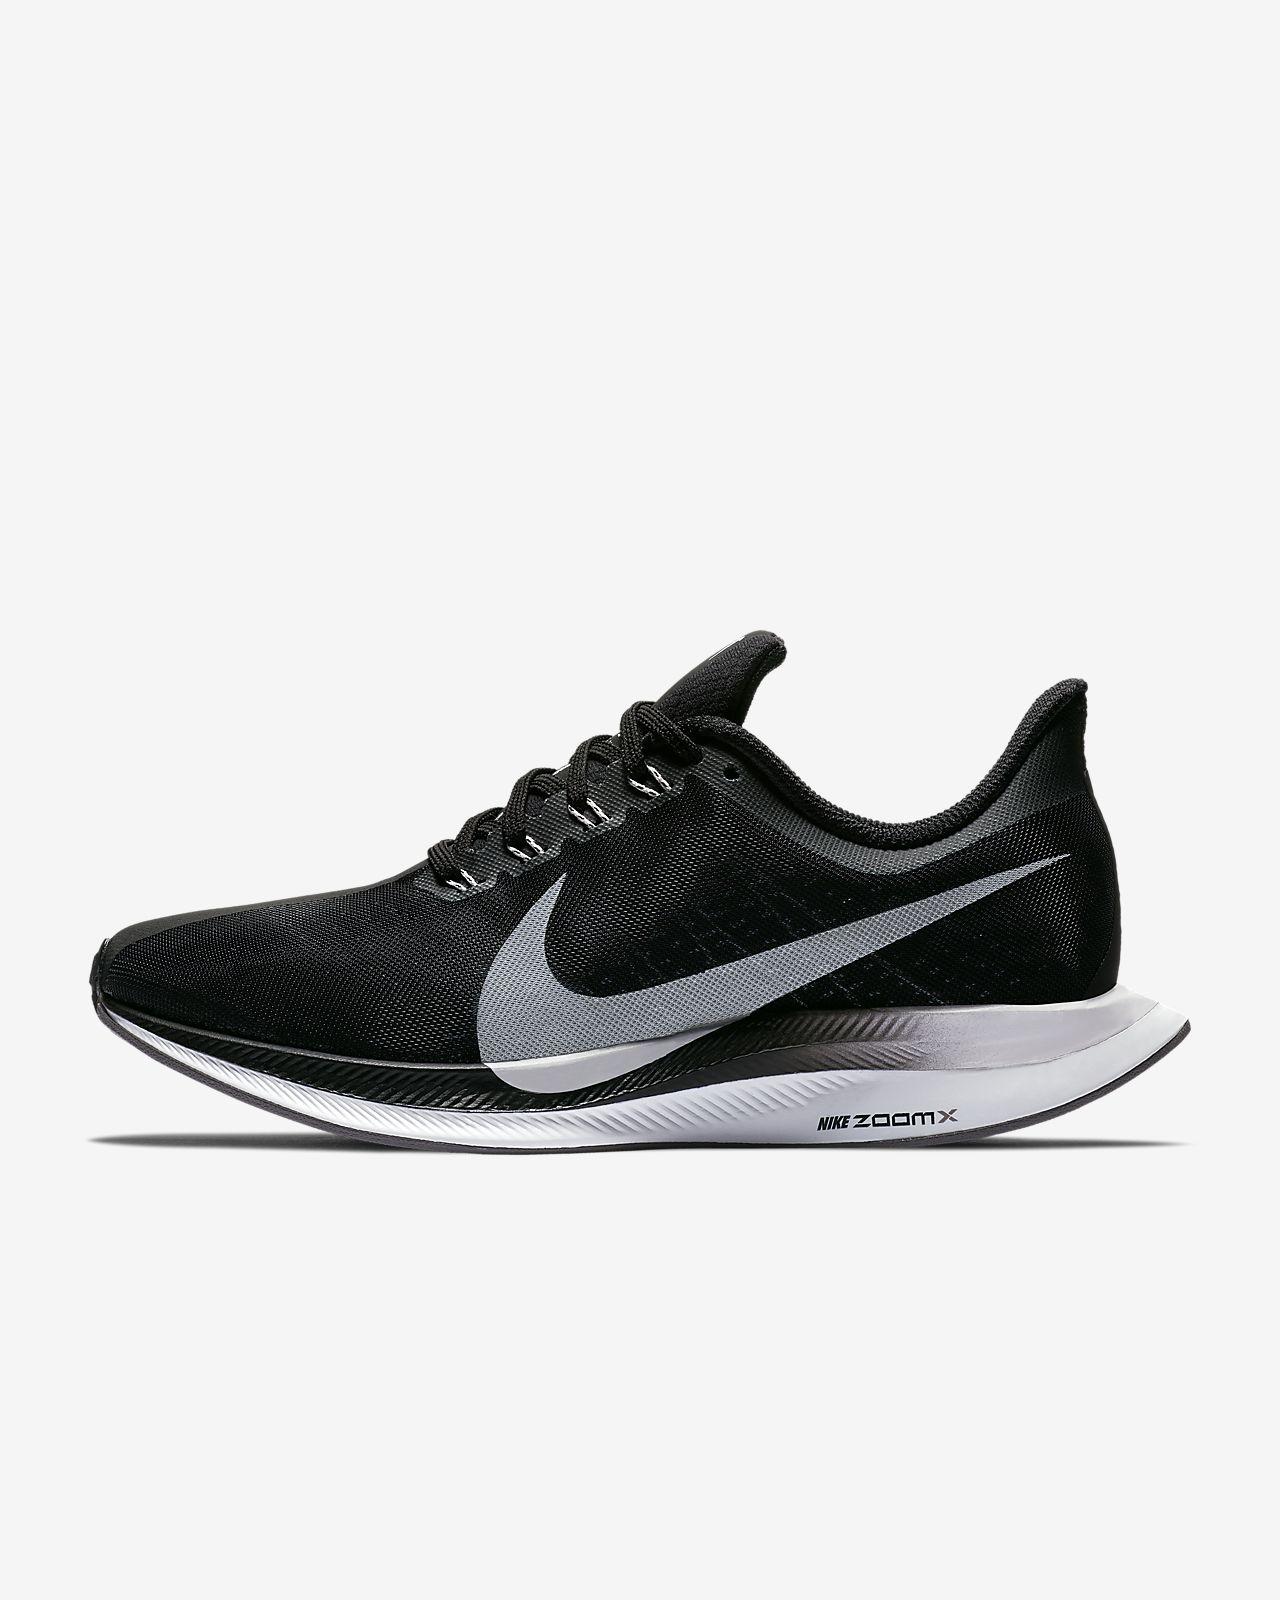 3db7be56b9b Nike Zoom Pegasus Turbo Hardloopschoen voor dames. Nike.com BE